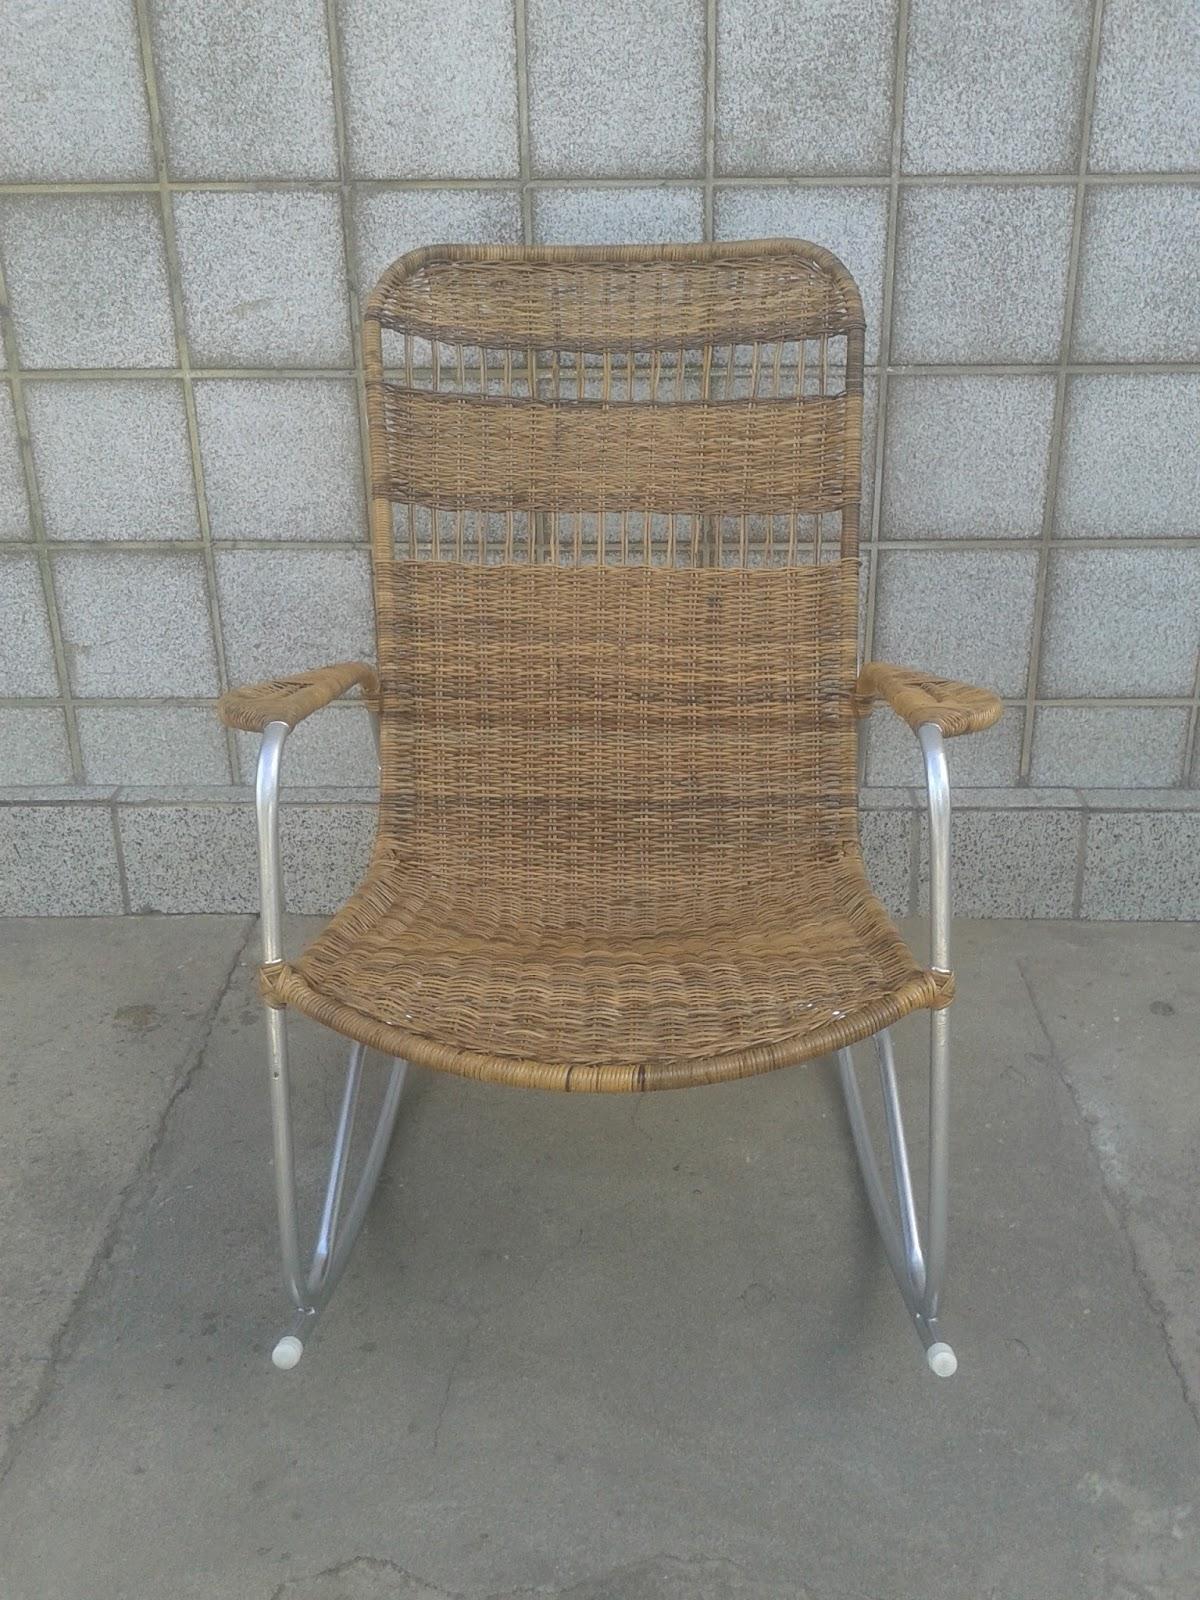 Cadeira de Balanço Adulto em Fibra Natural de Junco Modelo F 60 1ª  #826C49 1200x1600